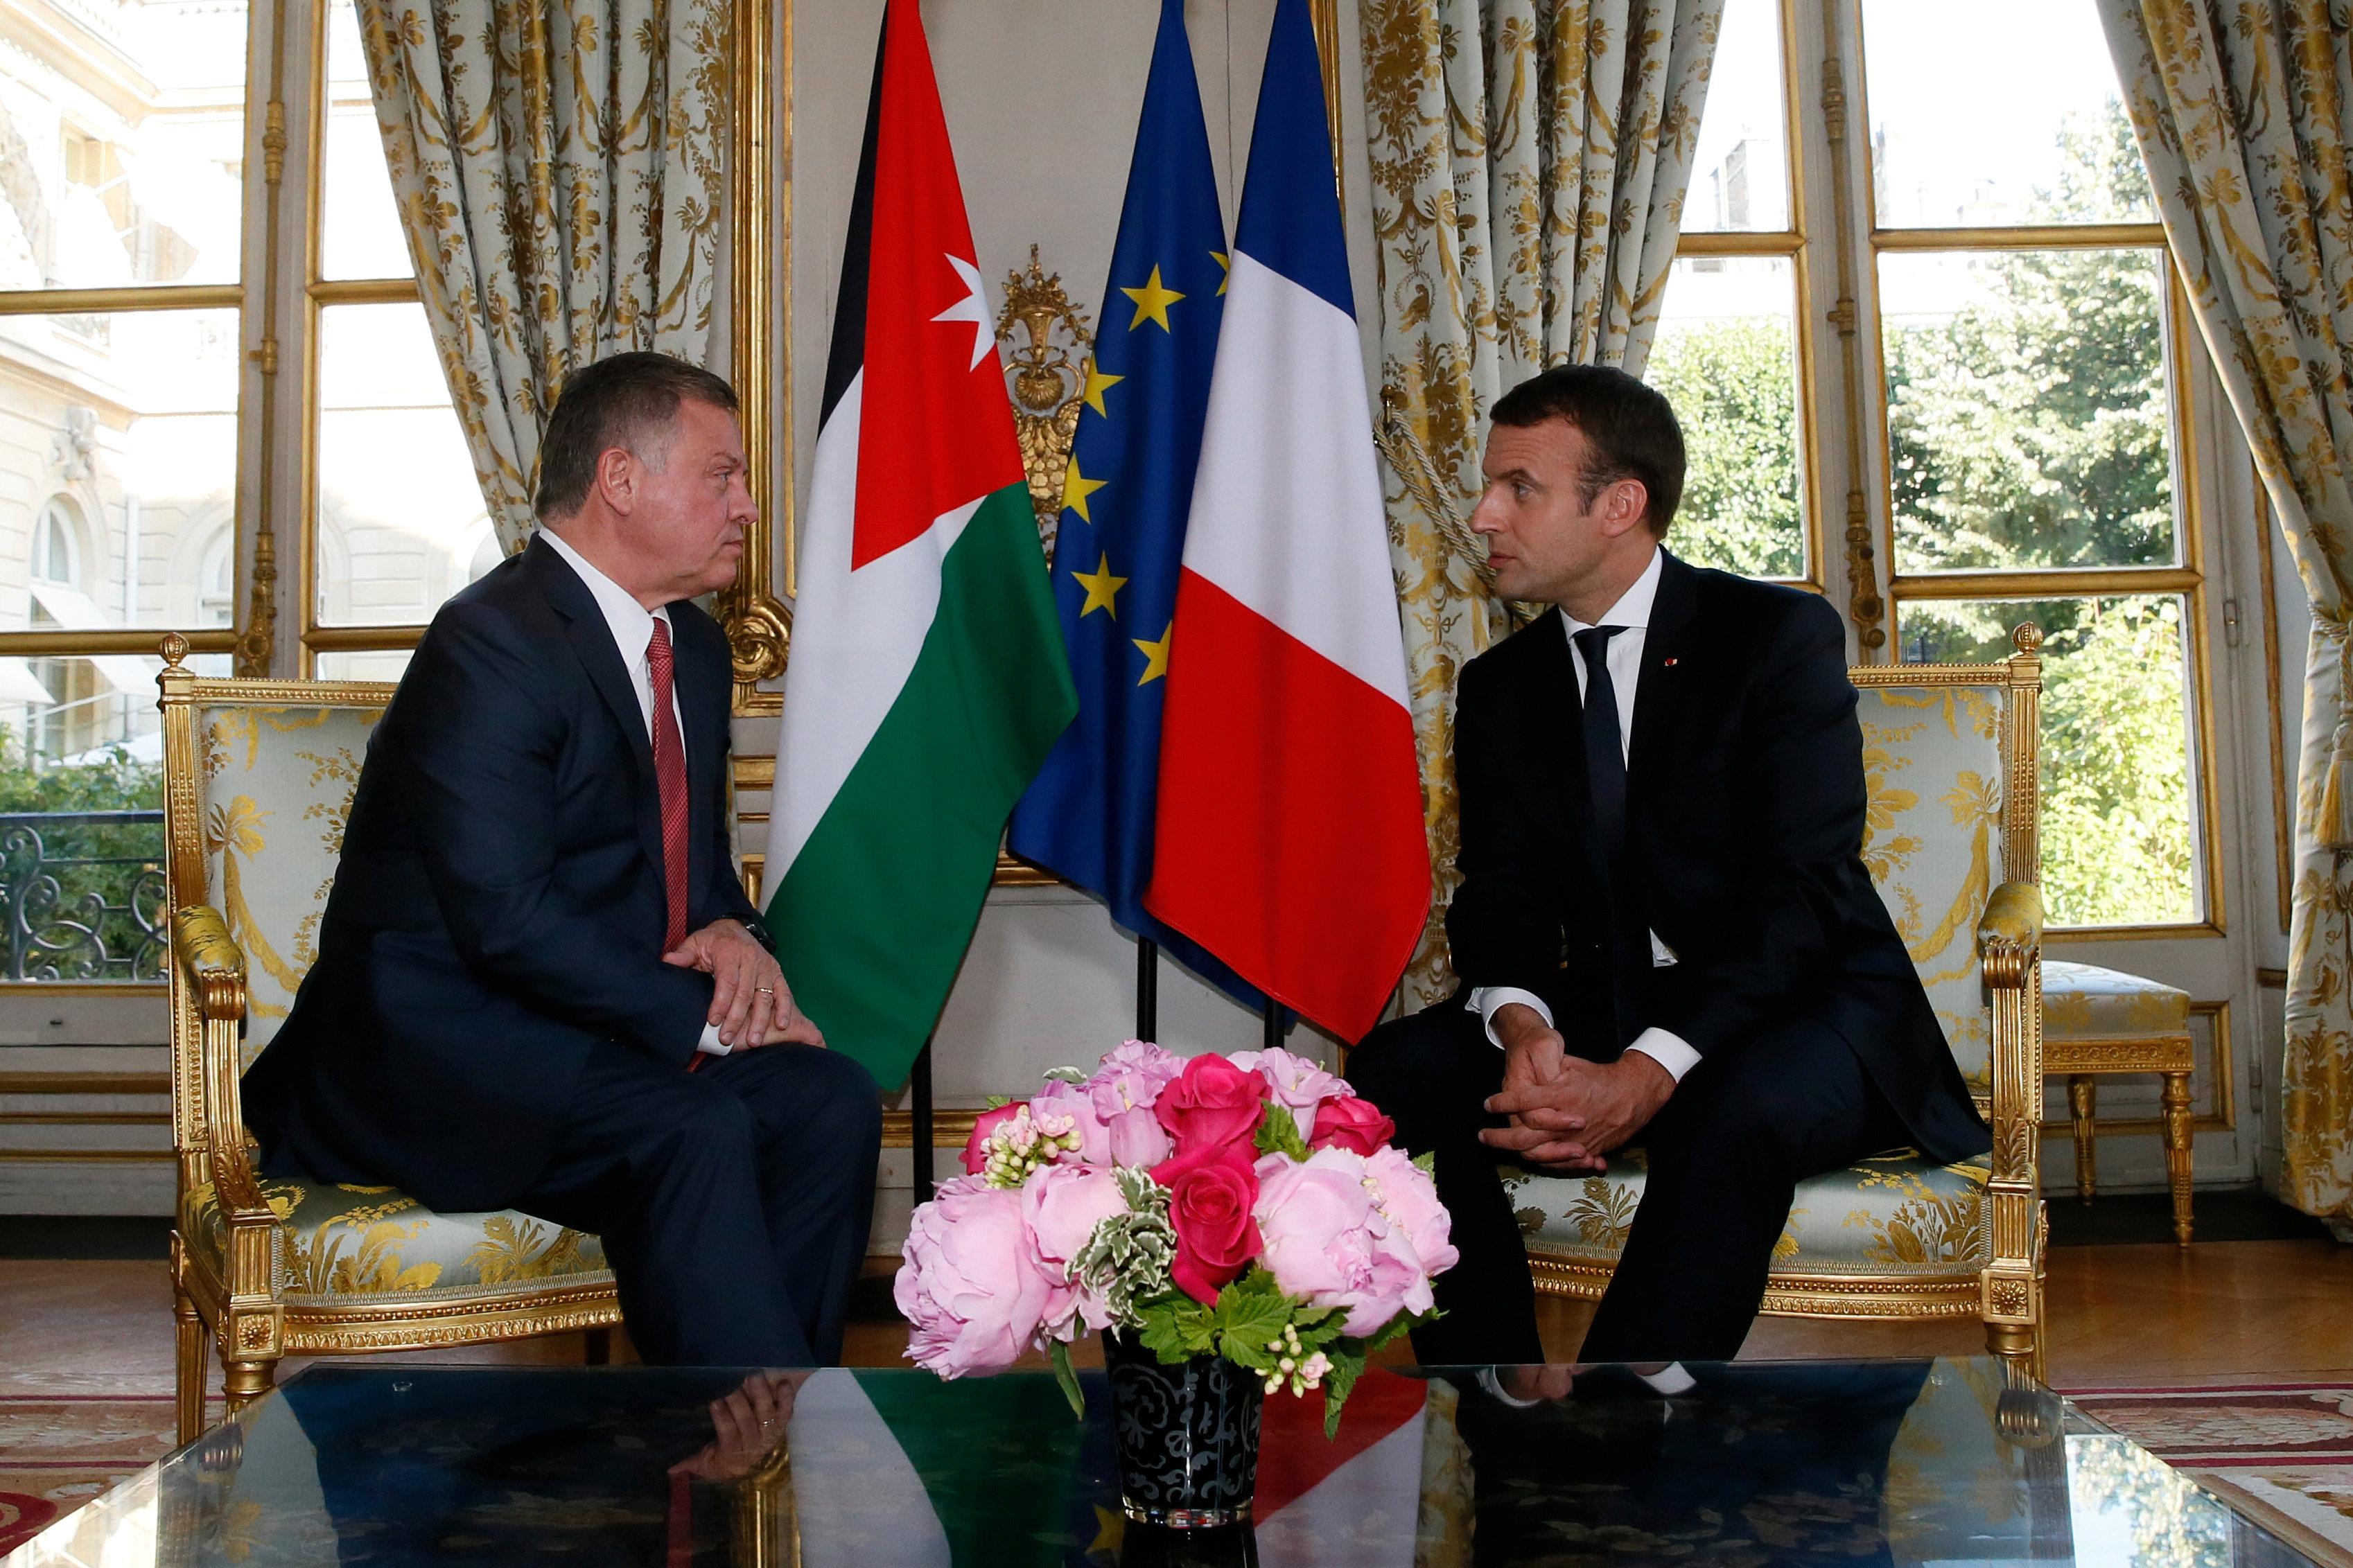 القمة الفرنسية الأردنية فى باريس